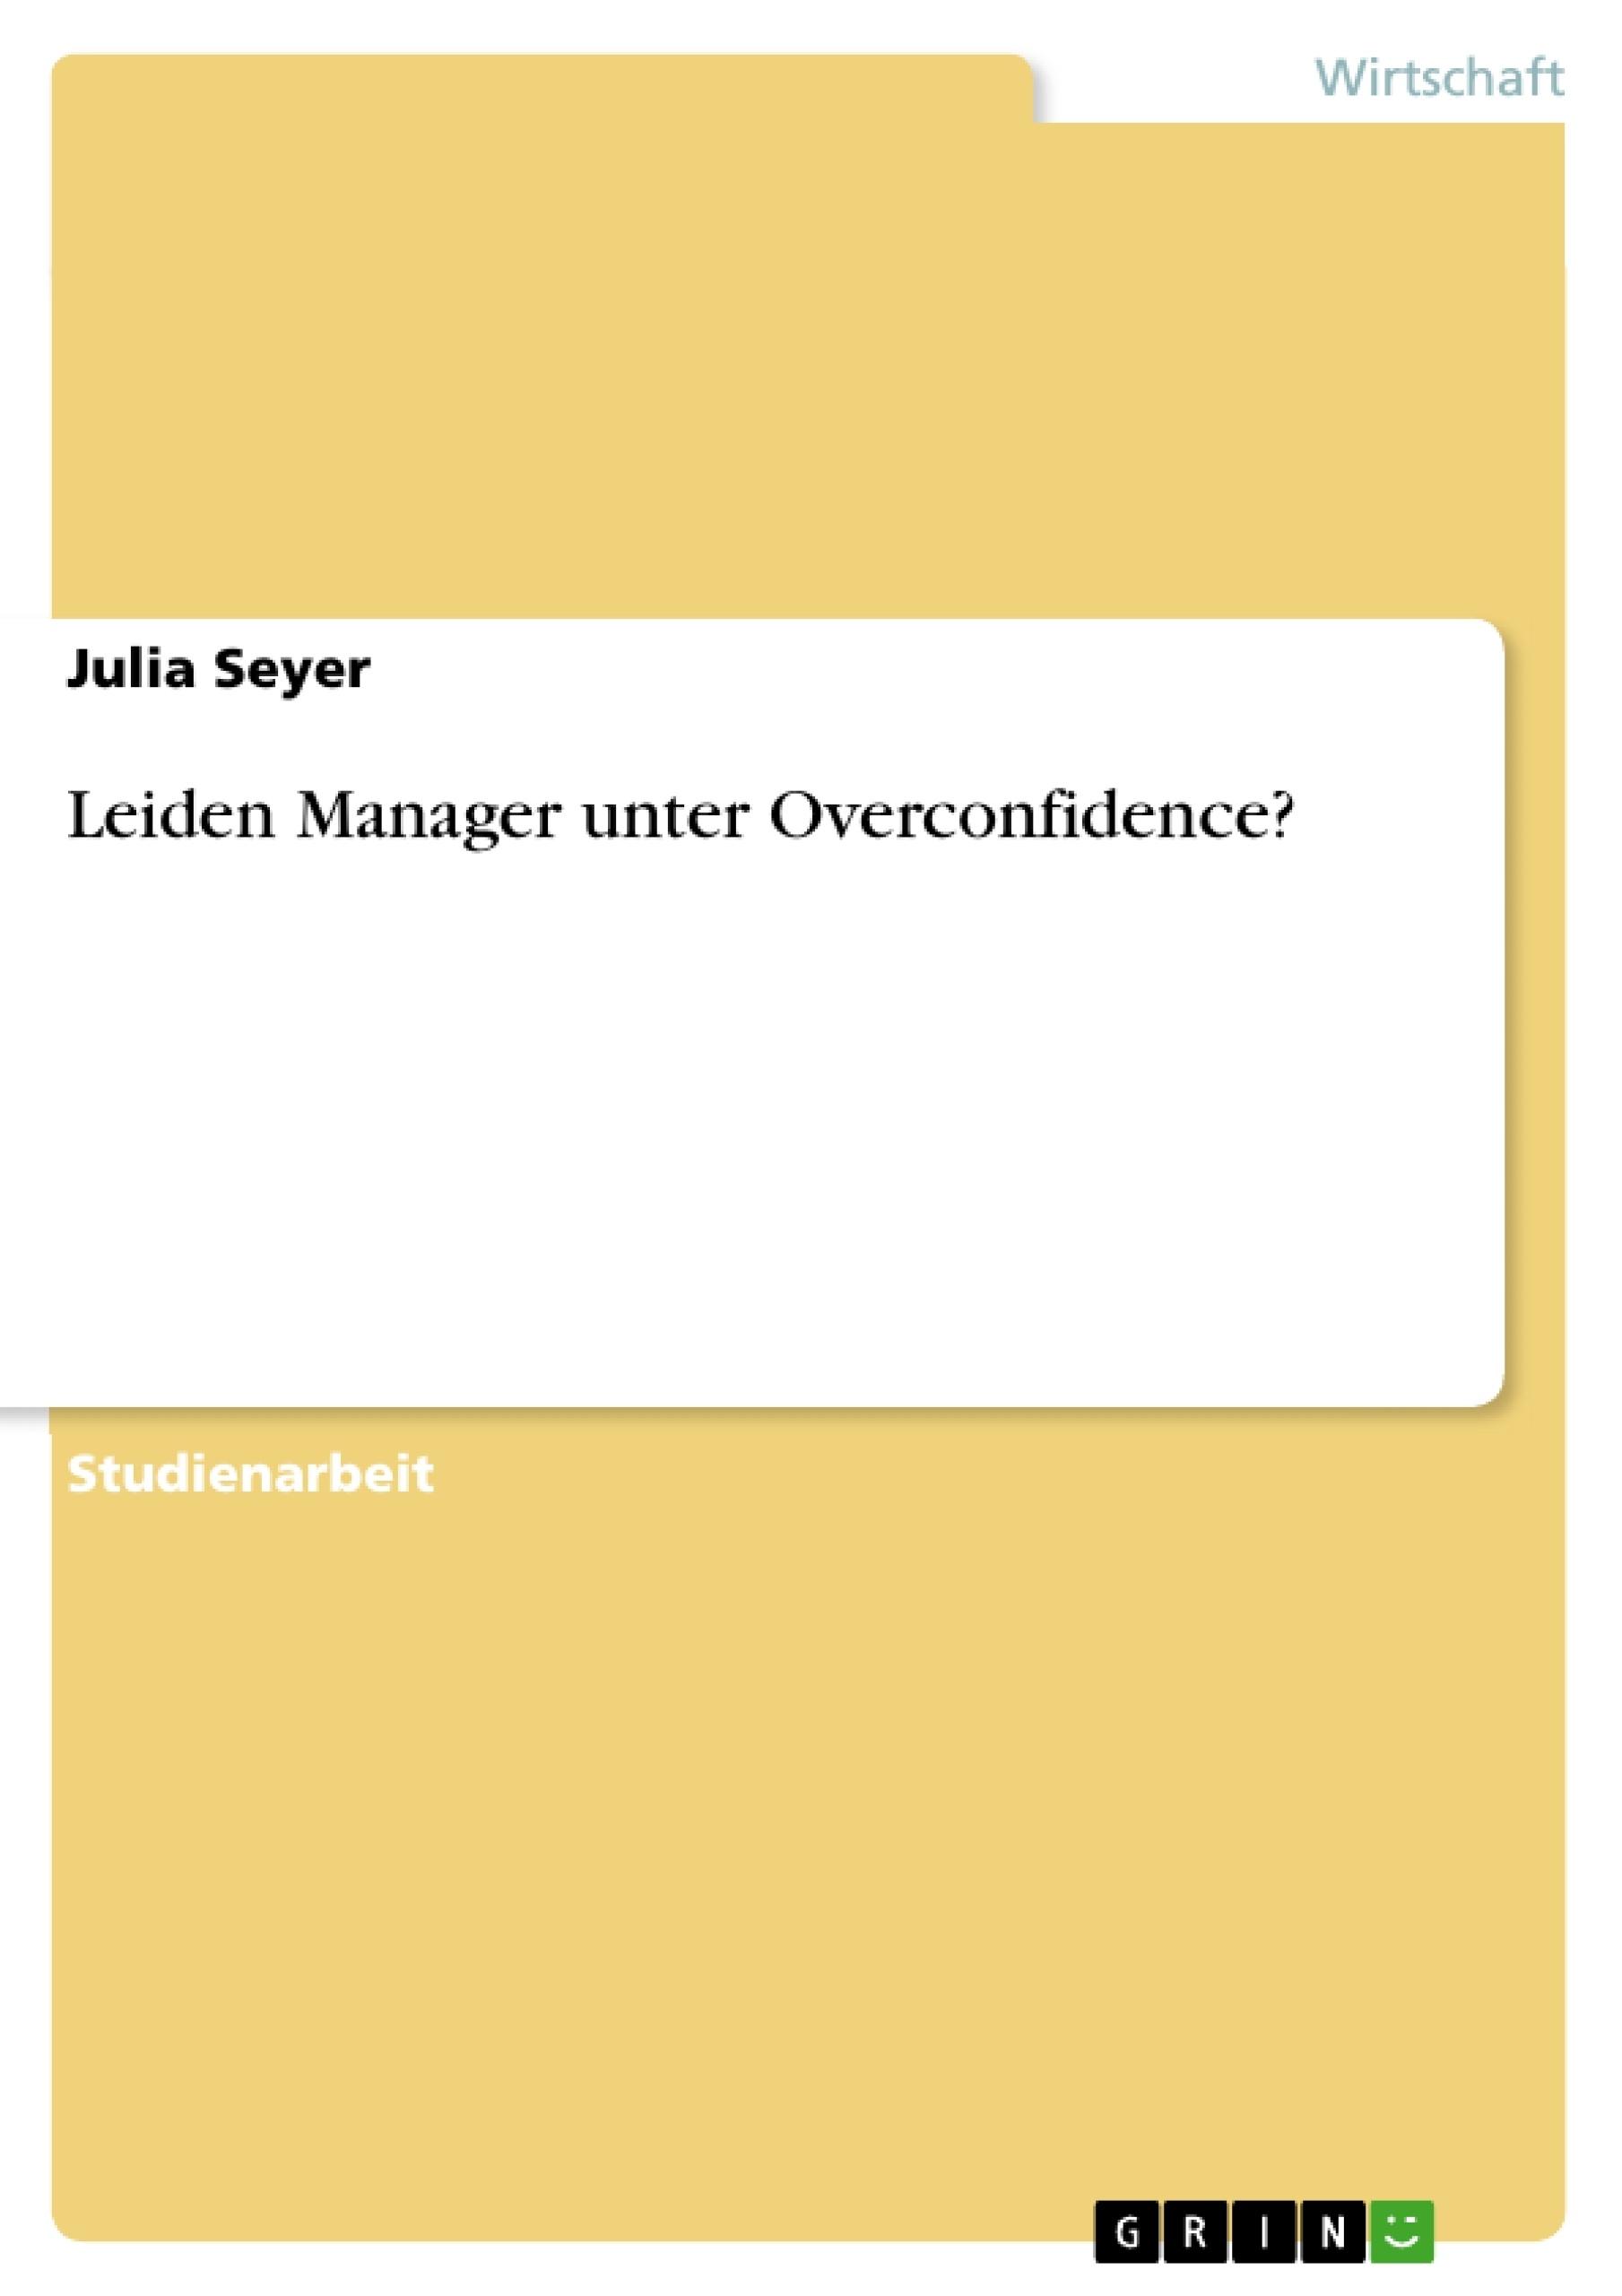 Titel: Leiden Manager unter Overconfidence?